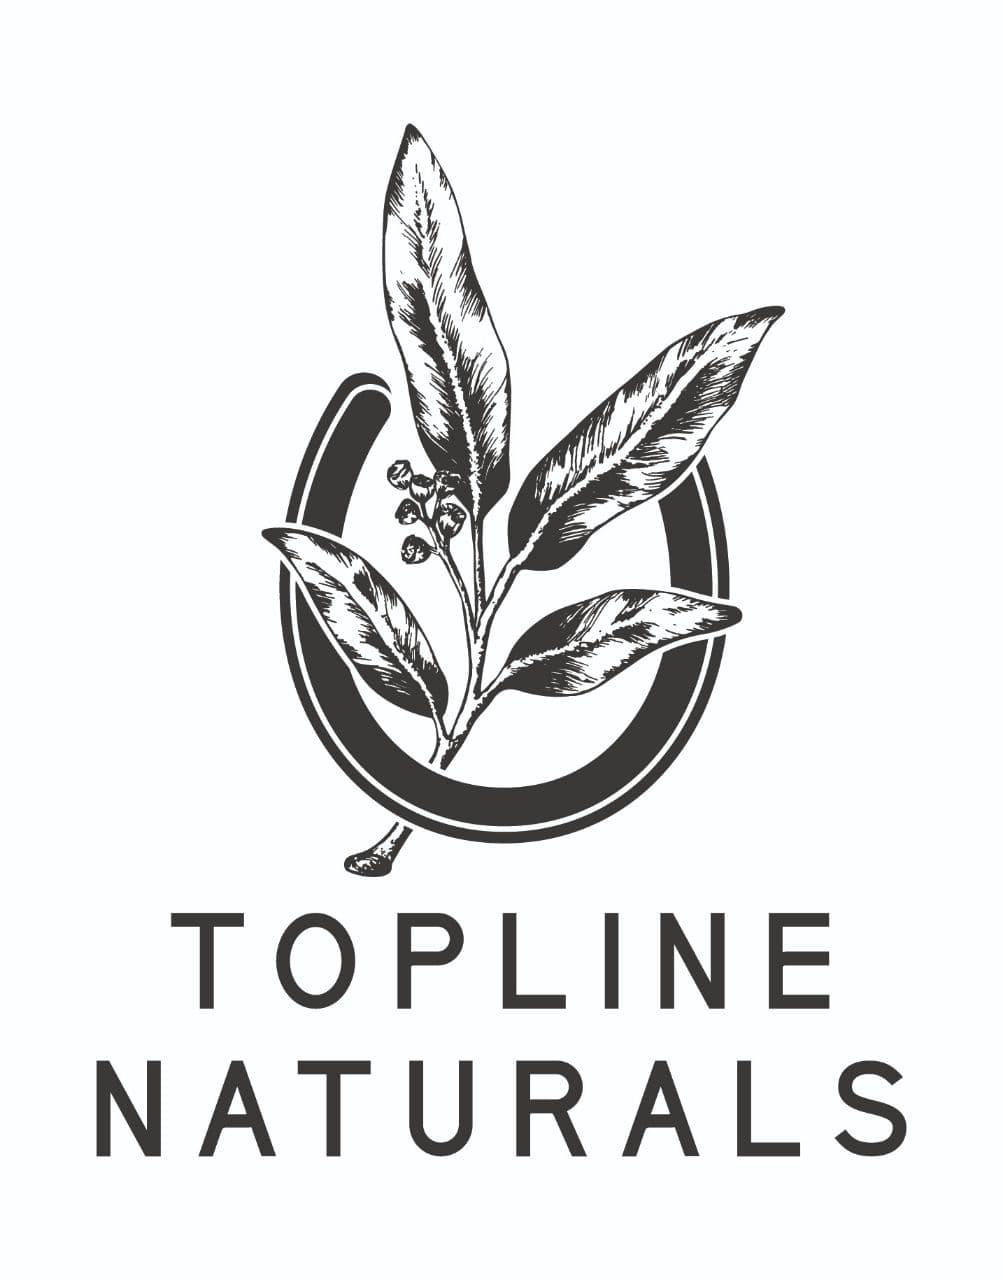 Topline Naturals